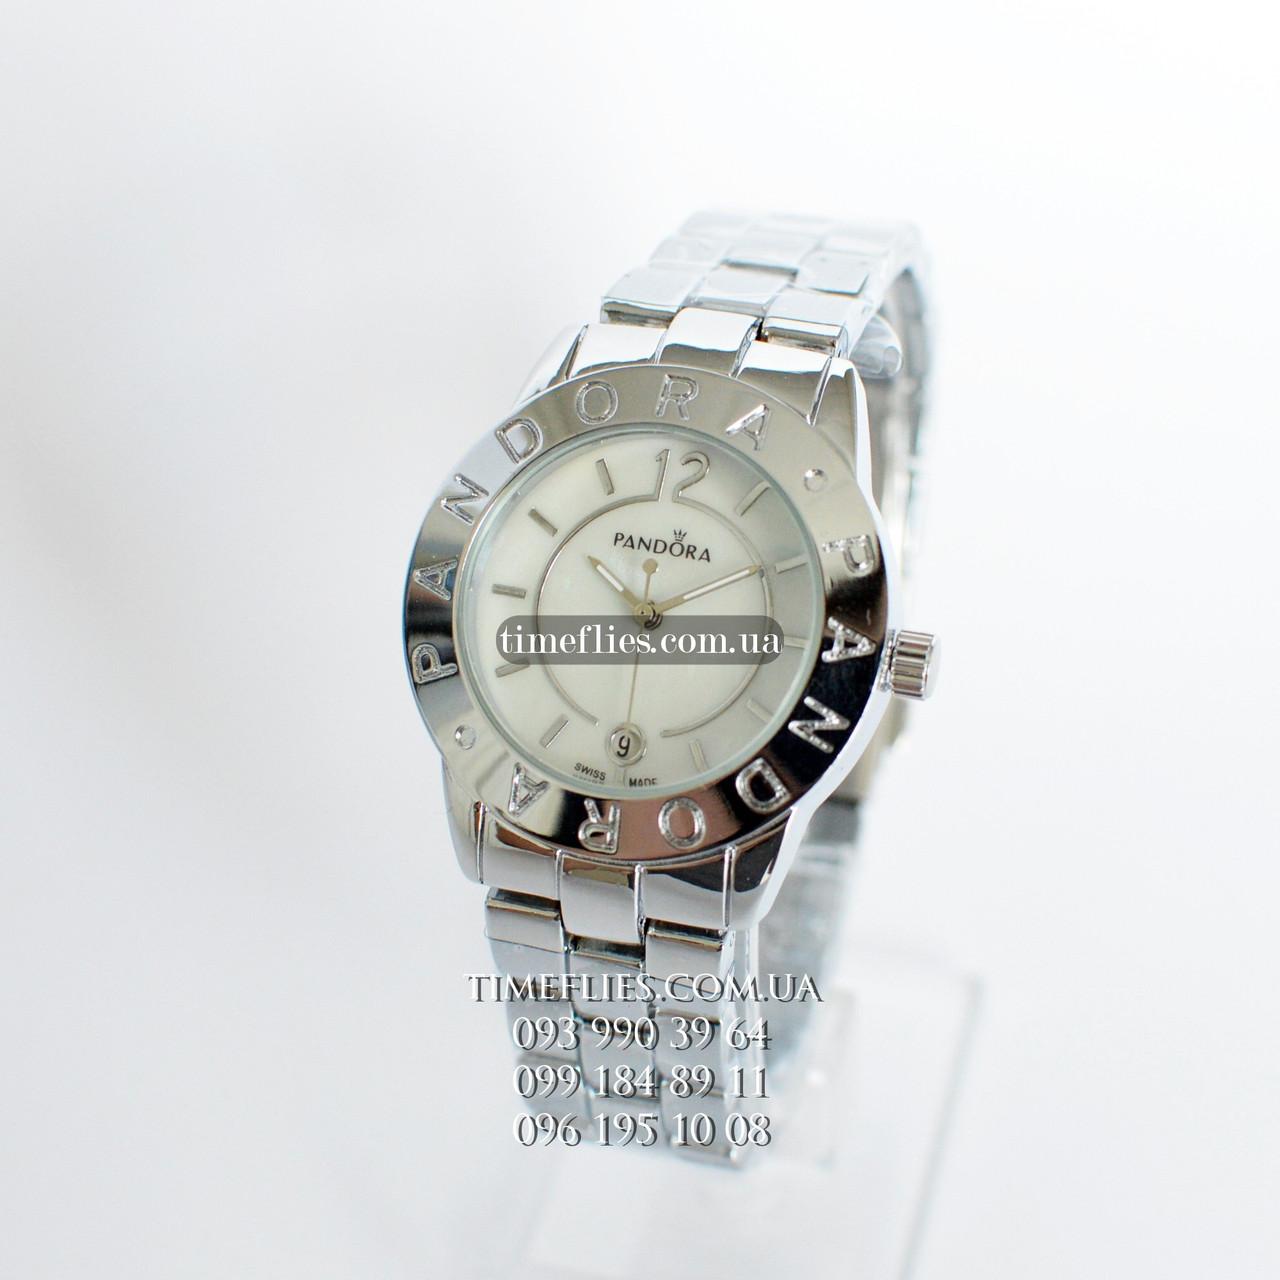 Pandora №44 Кварцові жіночі годинники